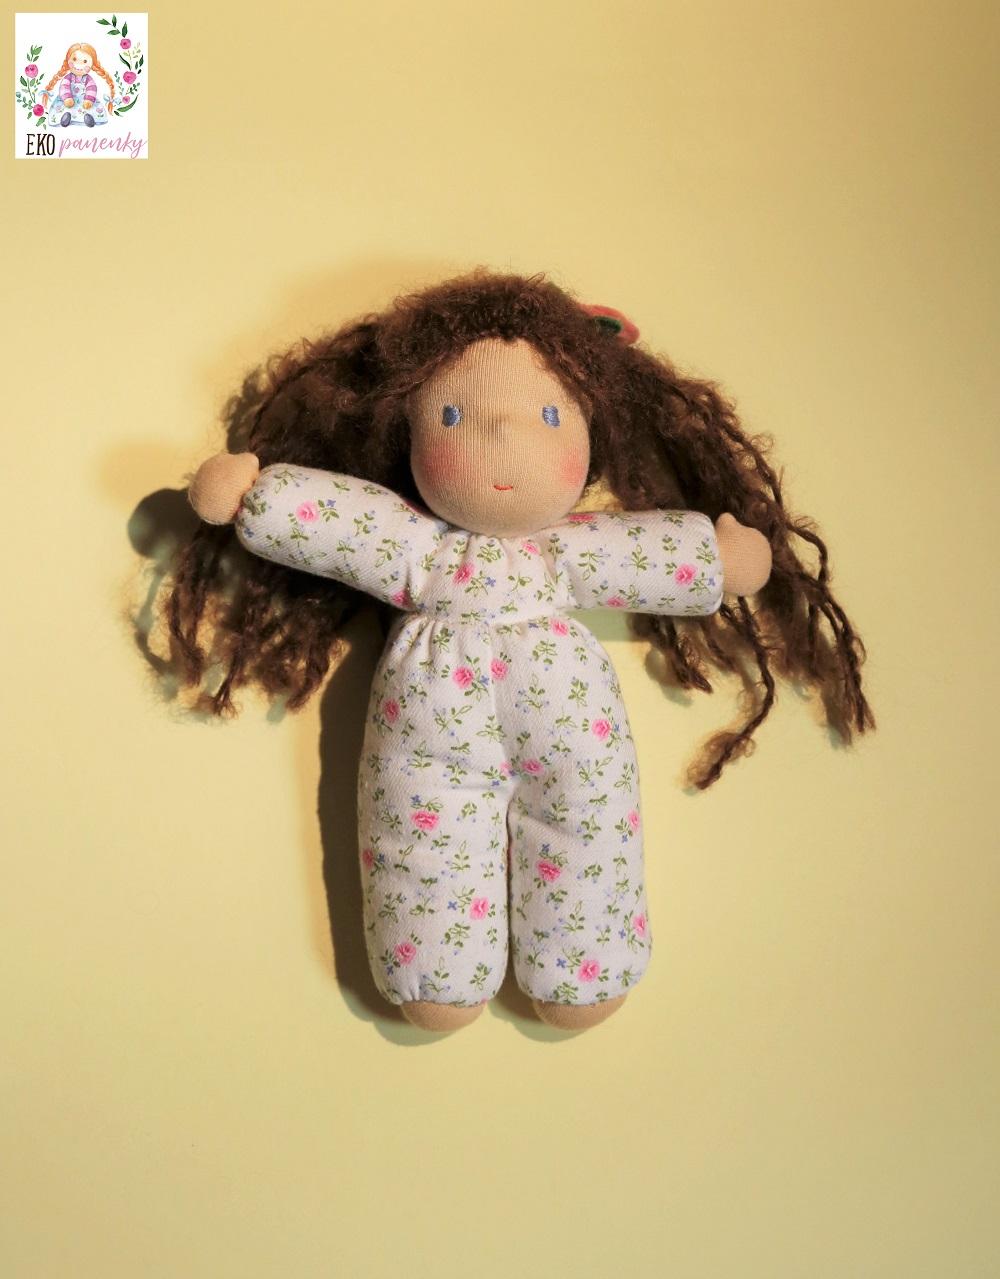 Růženka, látková ručně šitá panenka, Ekopanenky